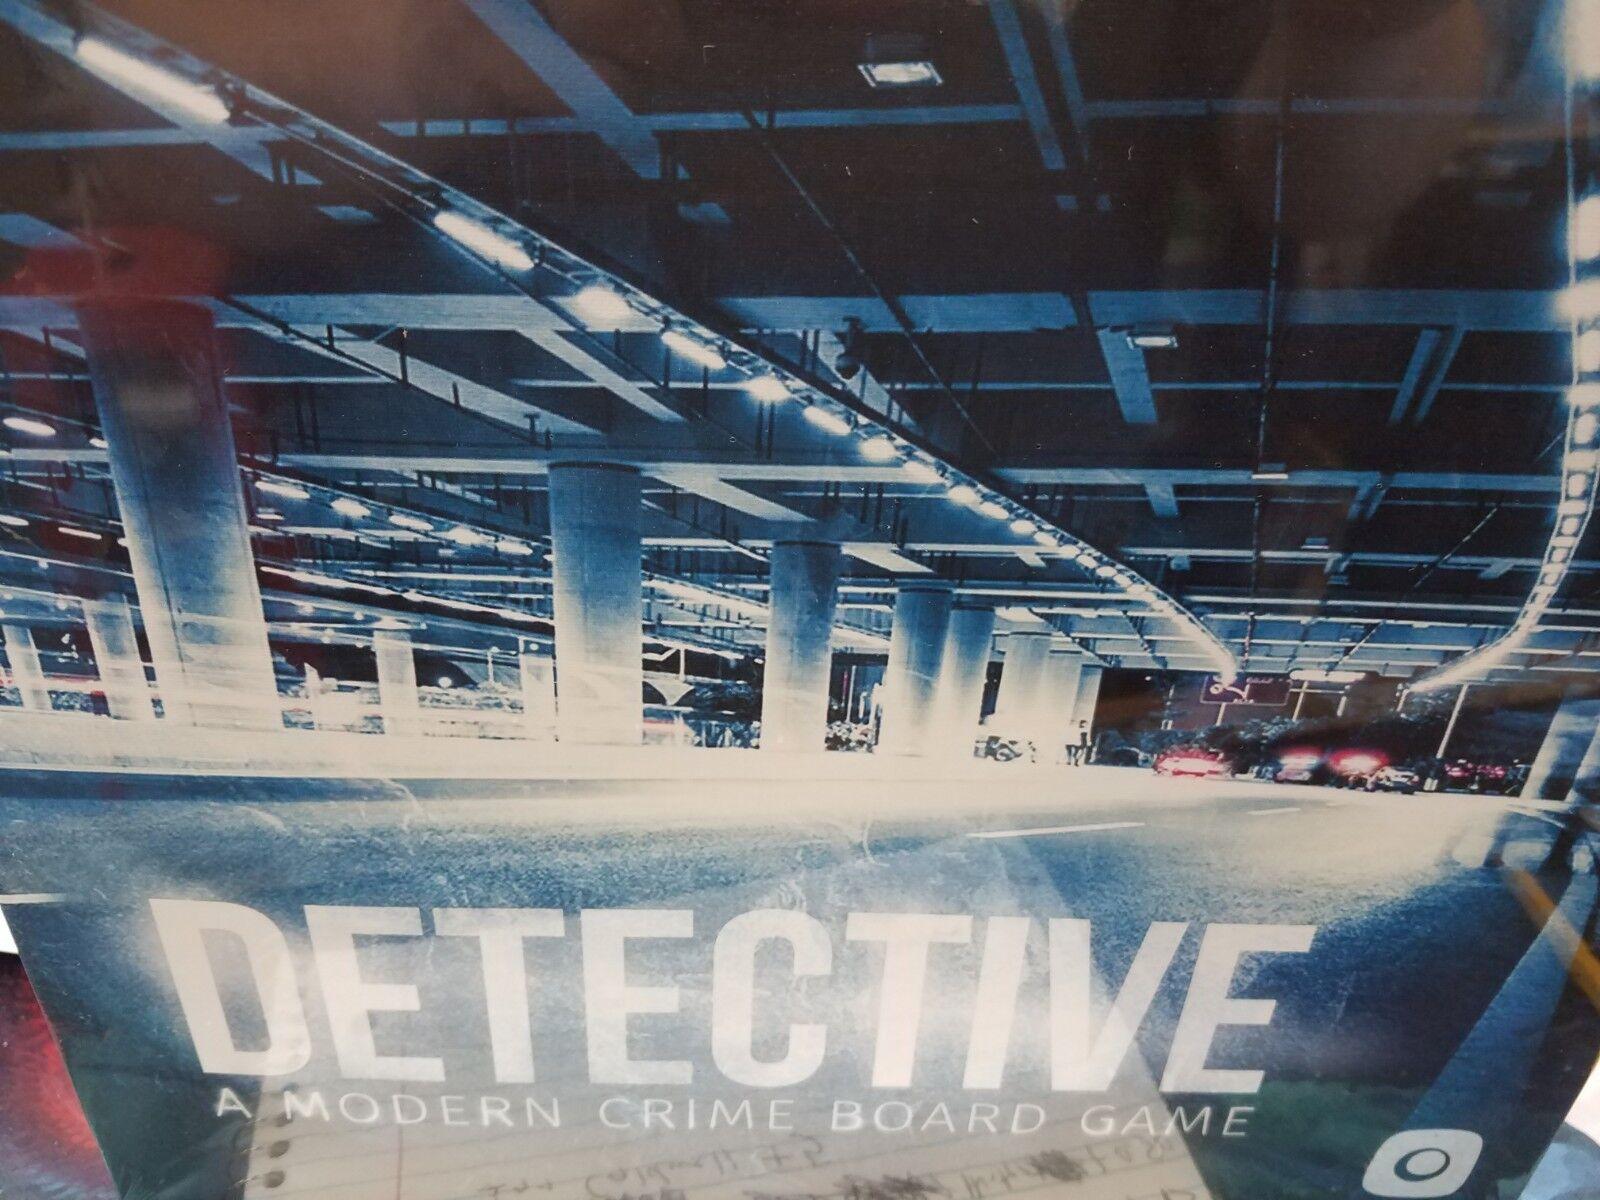 Detektiv A Modern Krimi Brettspiel - Portal Spiele Brettspiel Neu